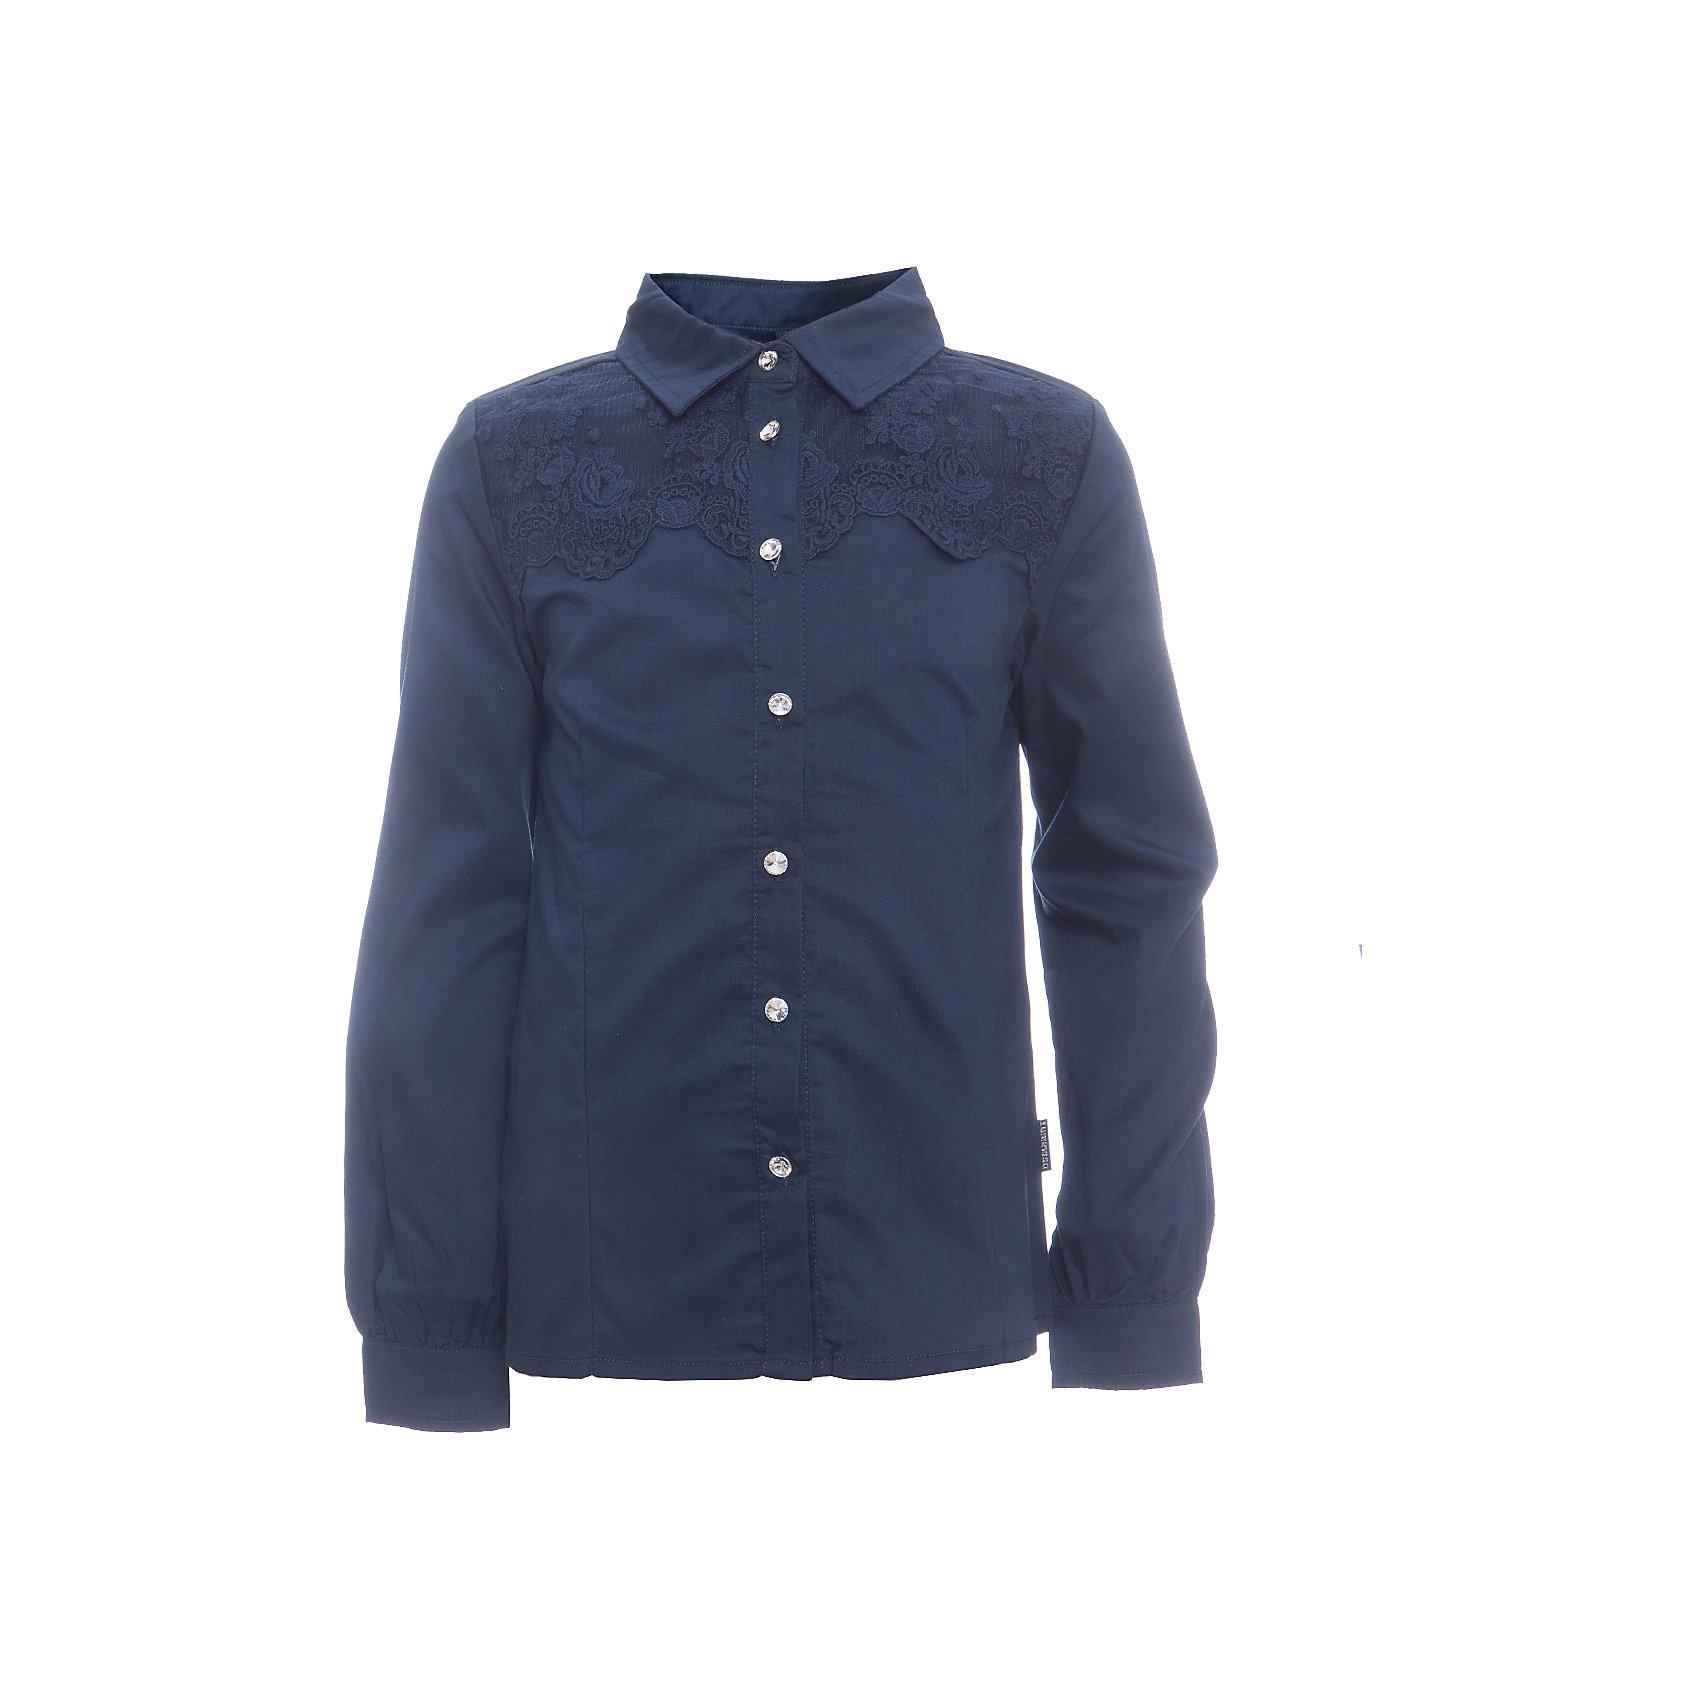 Блузка для девочки LuminosoБлузки и рубашки<br>Темно-синяя текстильная блузка для девочки из хлопка приталенного кроя. Декорированная изящной брошью и кружевом в тон изделию. Застегивается на пуговки.<br>Состав:<br>65% хлопок, 32% полиэстер,3% эластан<br><br>Ширина мм: 186<br>Глубина мм: 87<br>Высота мм: 198<br>Вес г: 197<br>Цвет: синий<br>Возраст от месяцев: 72<br>Возраст до месяцев: 84<br>Пол: Женский<br>Возраст: Детский<br>Размер: 122,164,158,152,146,140,134,128<br>SKU: 6672083